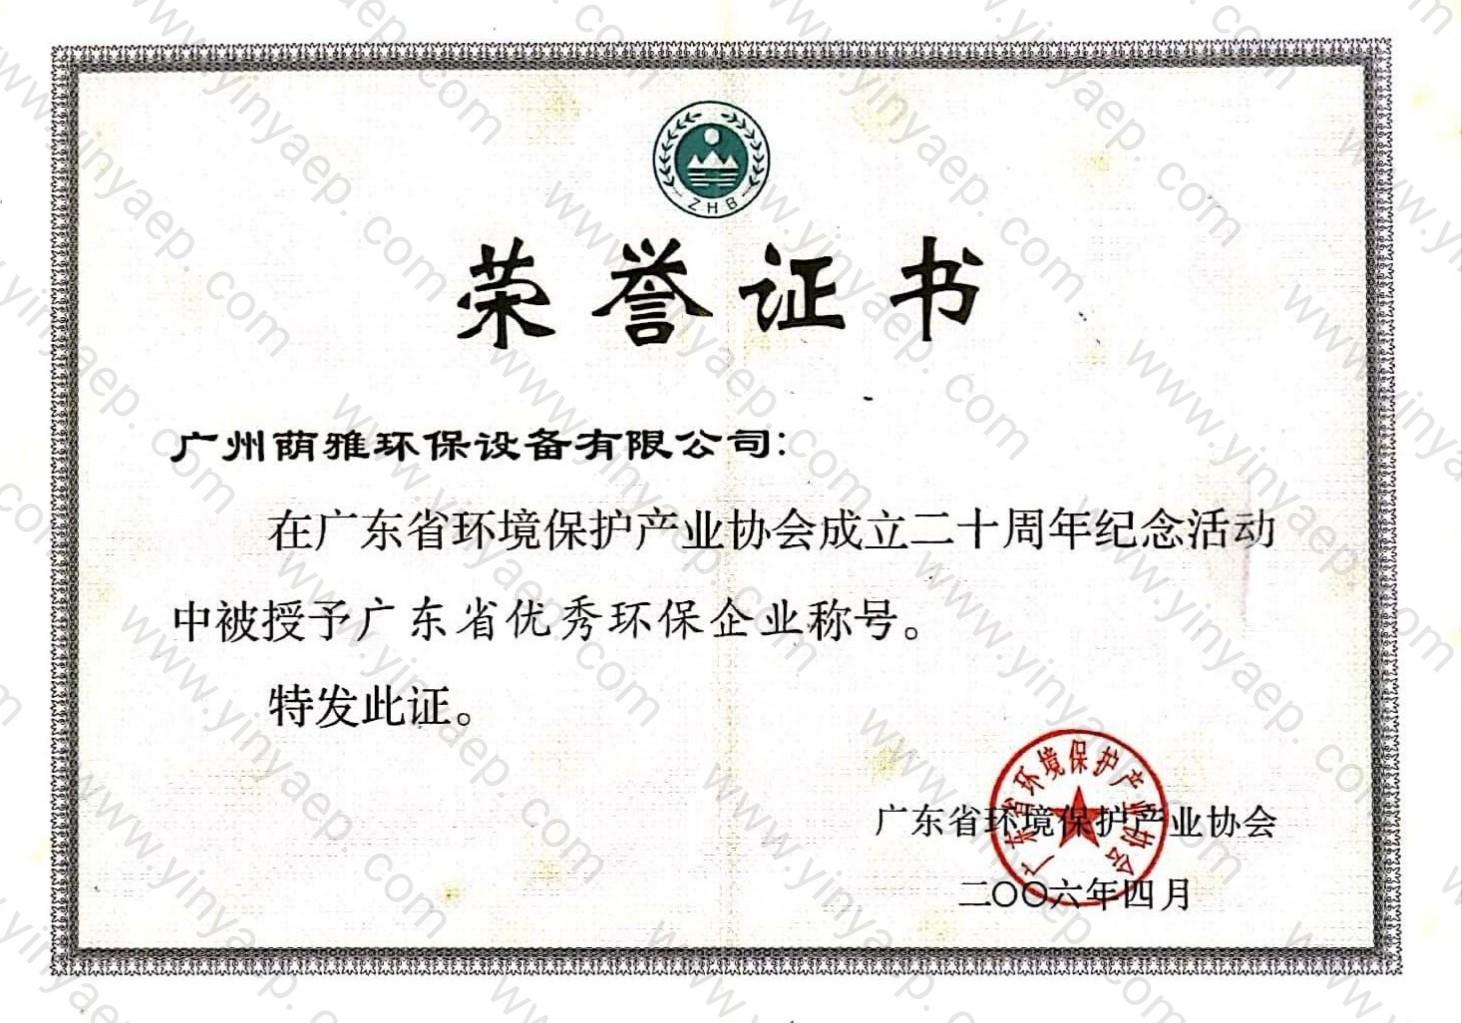 06年优秀环保企业